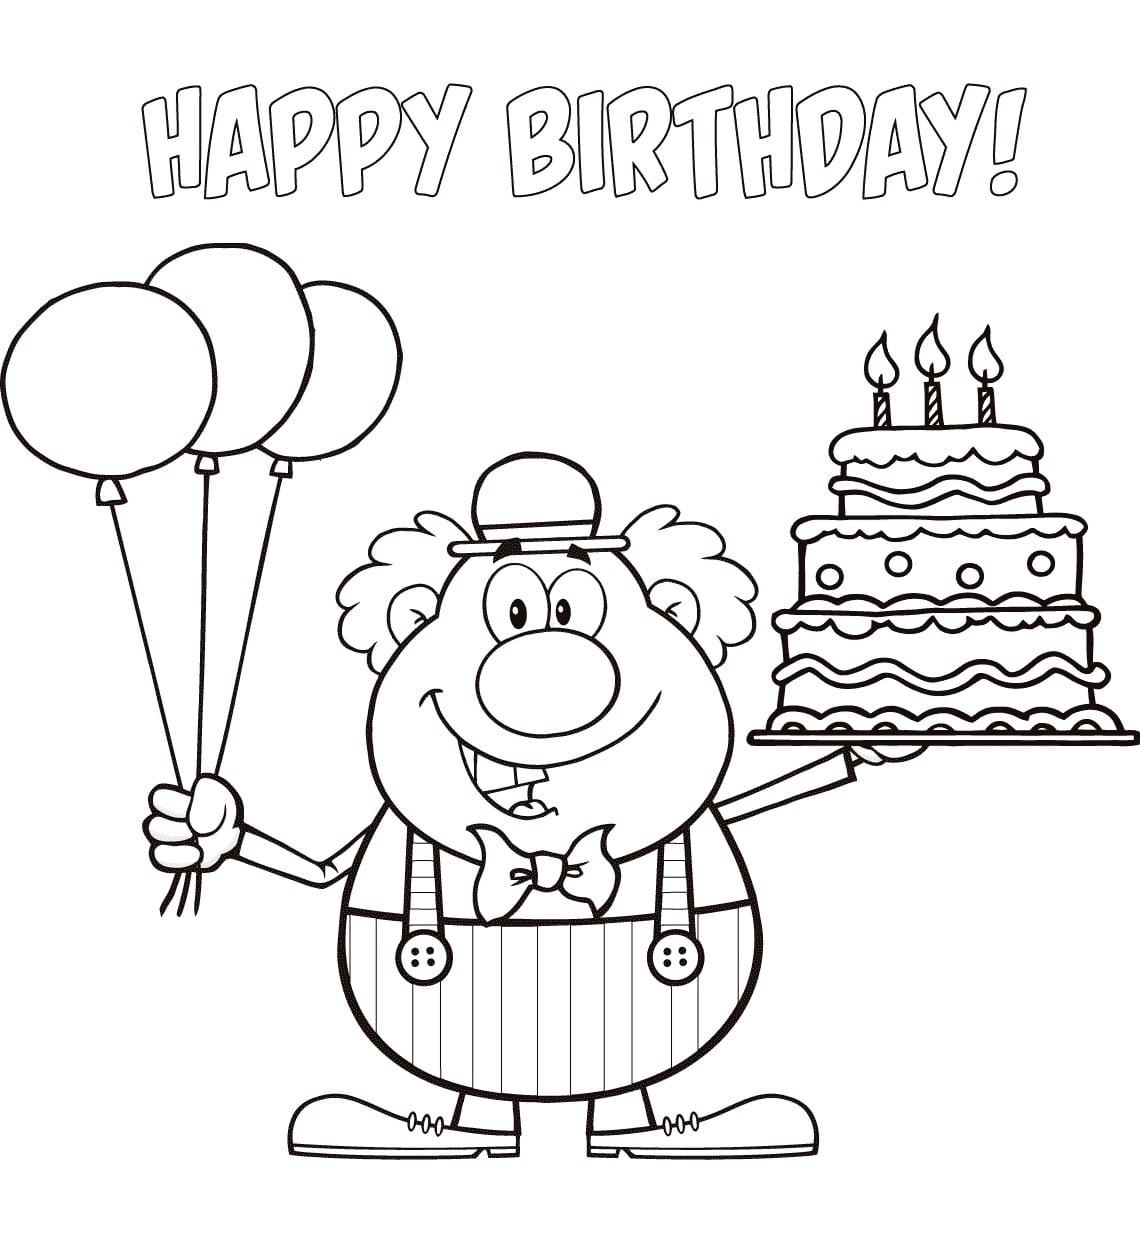 Фото, открытки с днем рождения дедушке раскраски